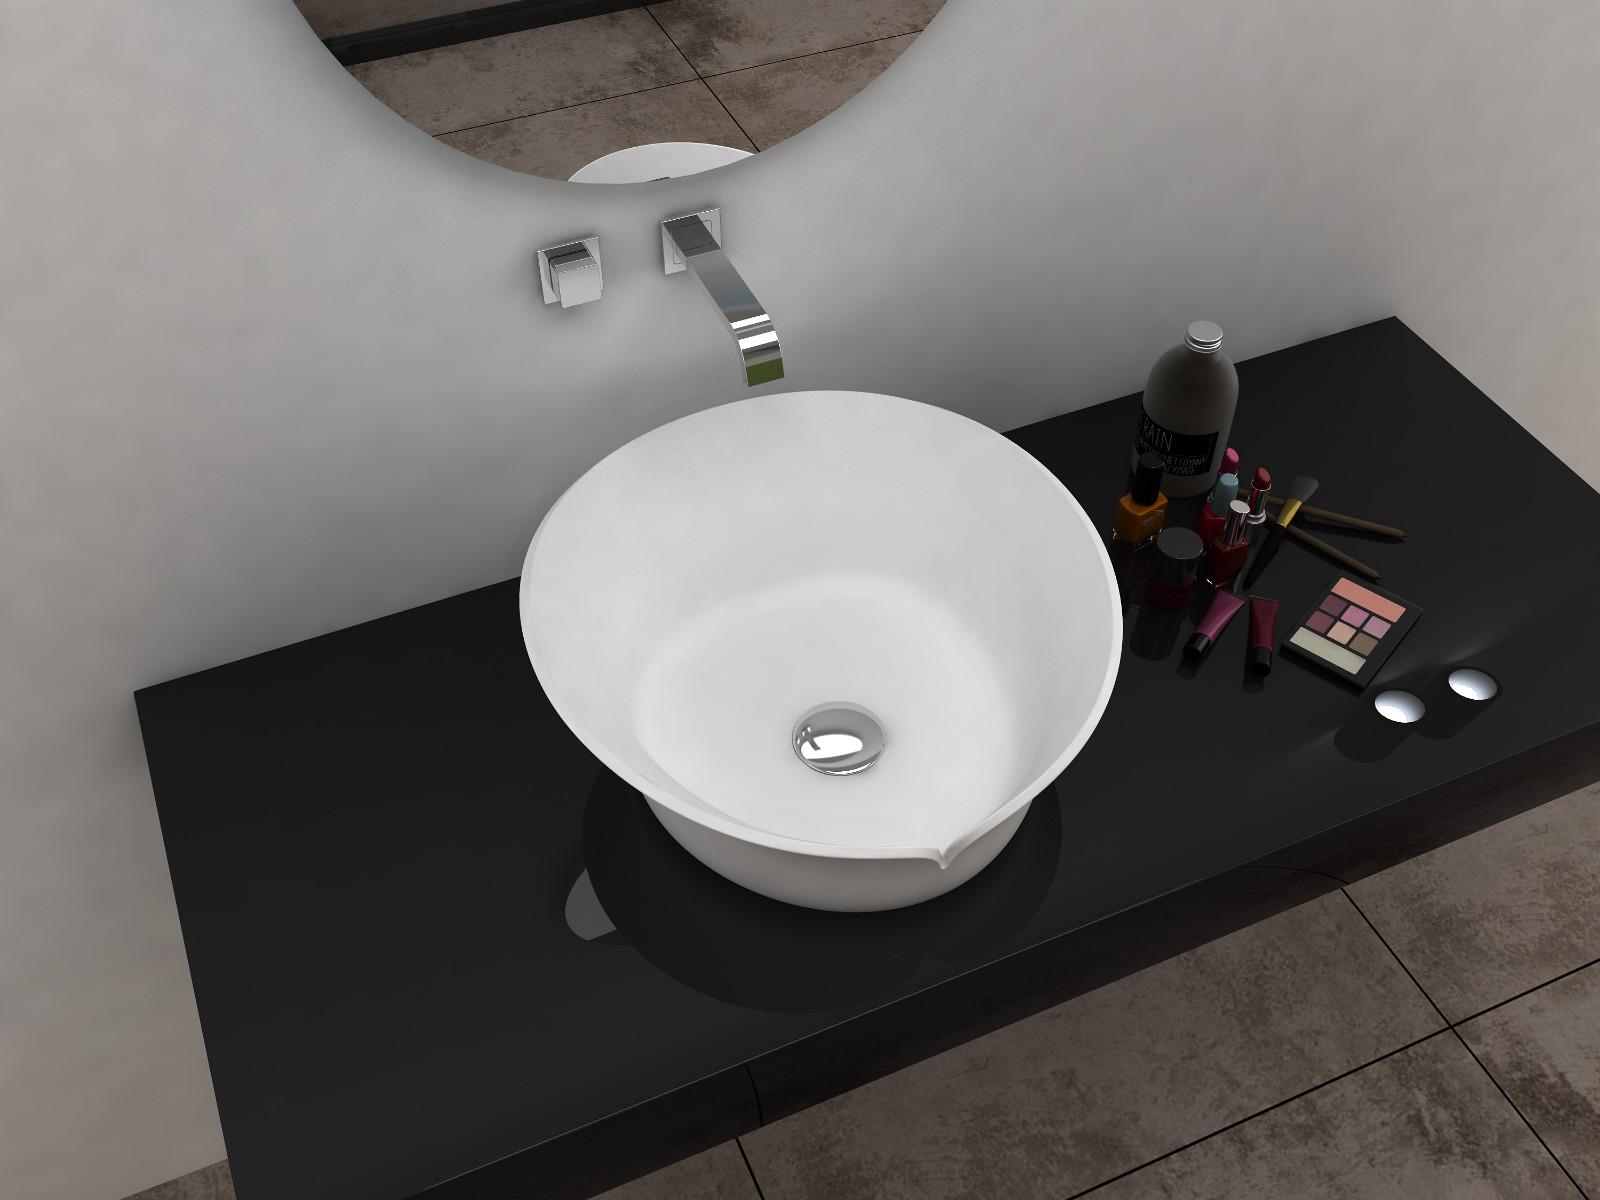 Bellissimo-Unique Design Solid Surface Countertop Wash Basin Bathroom Sink